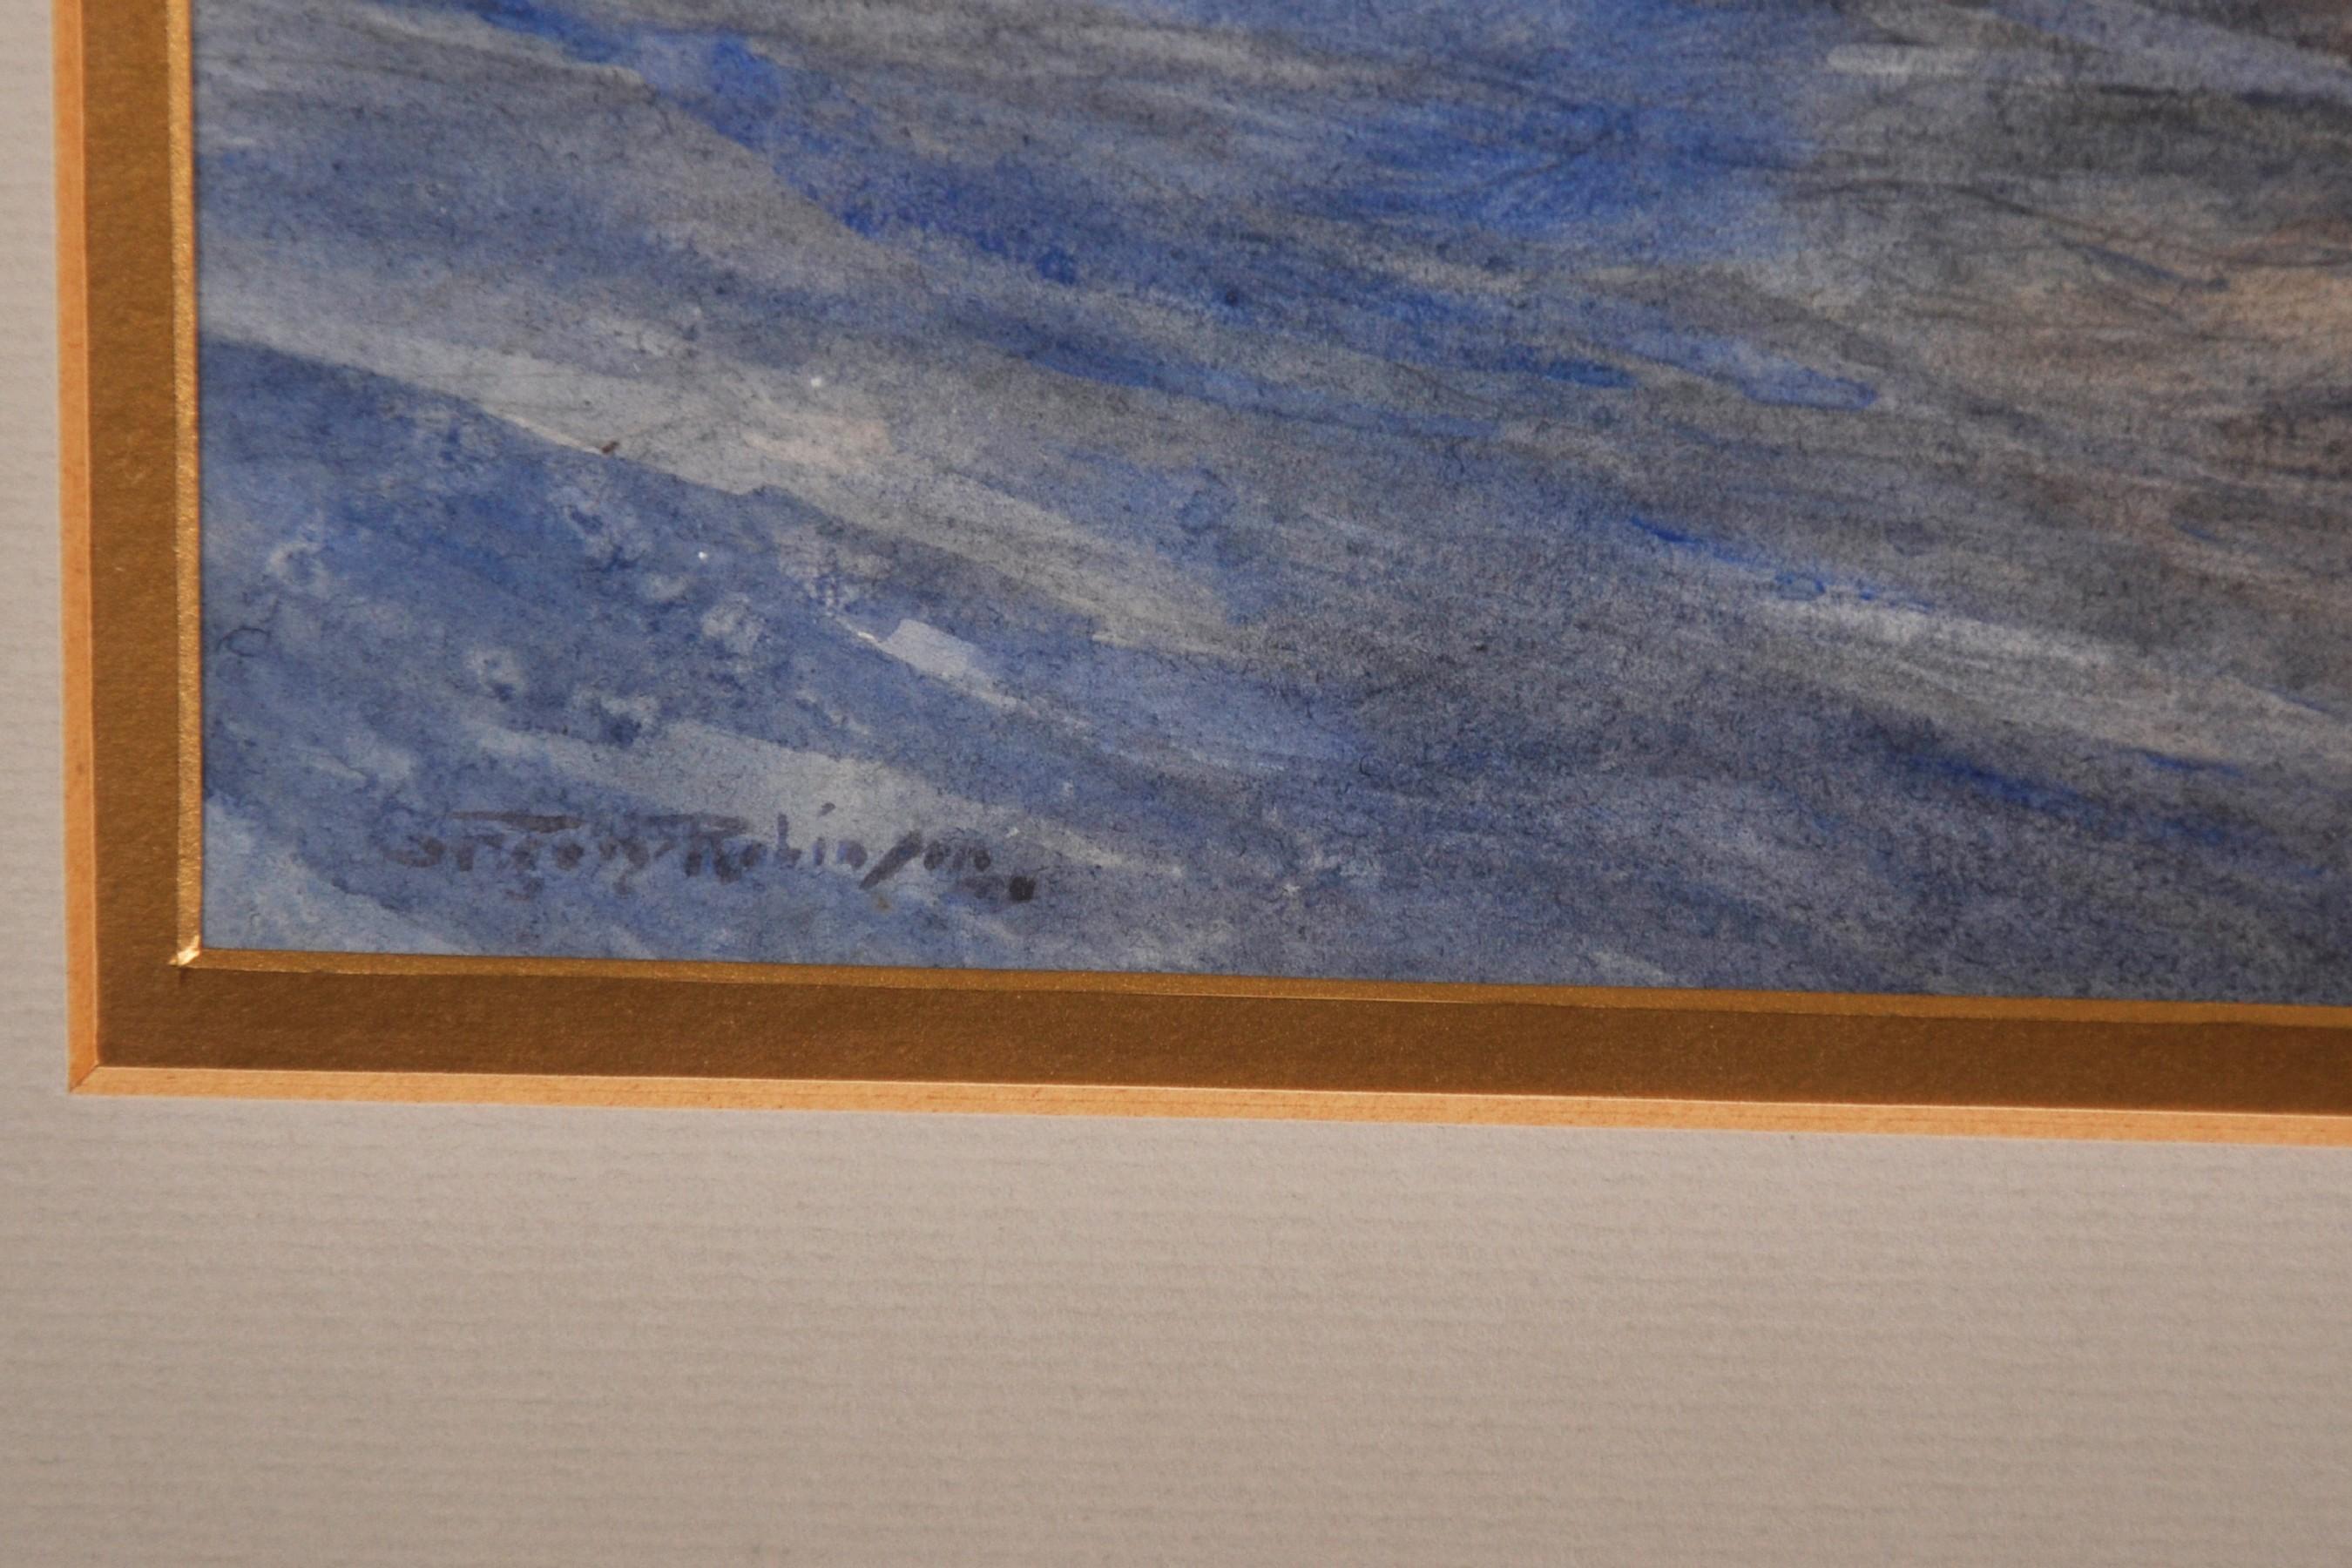 Gregory Robinson (1876-1967) British. Three Masted Sailing Ship at Sea, Watercolour, Signed, 10. - Image 3 of 5